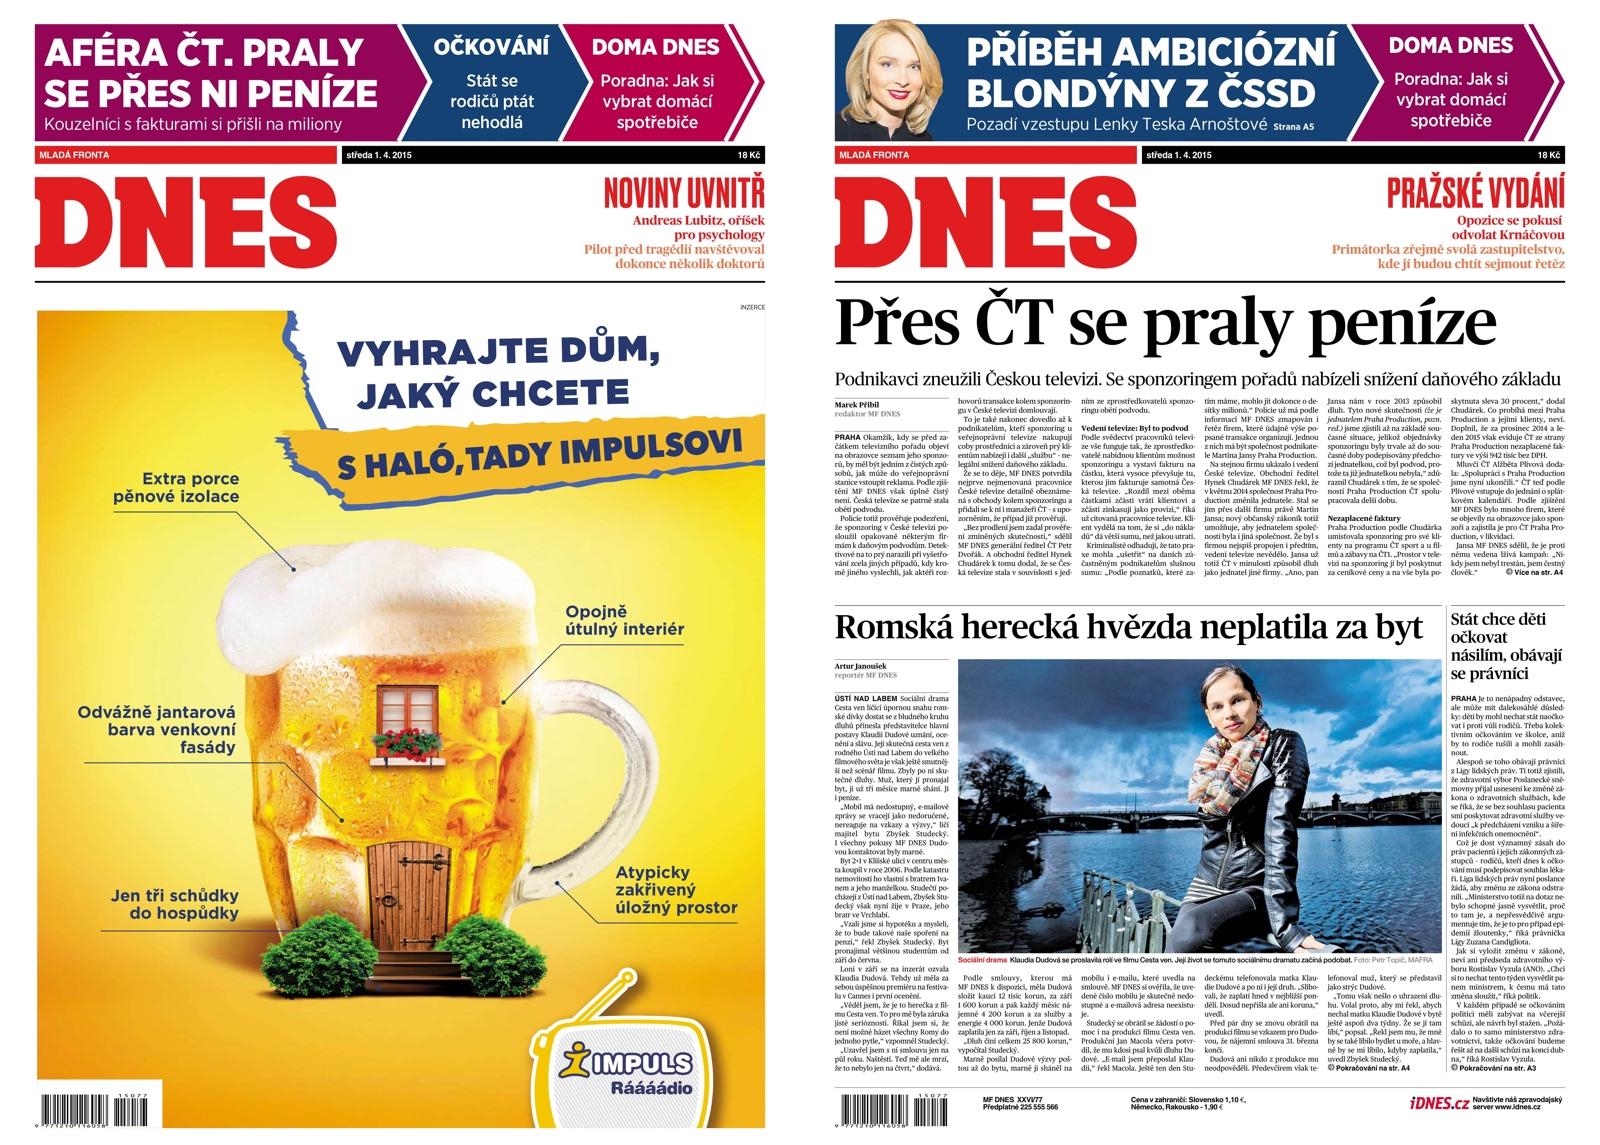 Inkriminovaný článek vyšel dnes na první straně Mladé fronty Dnes (noviny dnes dostaly reklamní přebal sesterského rádia Impuls)